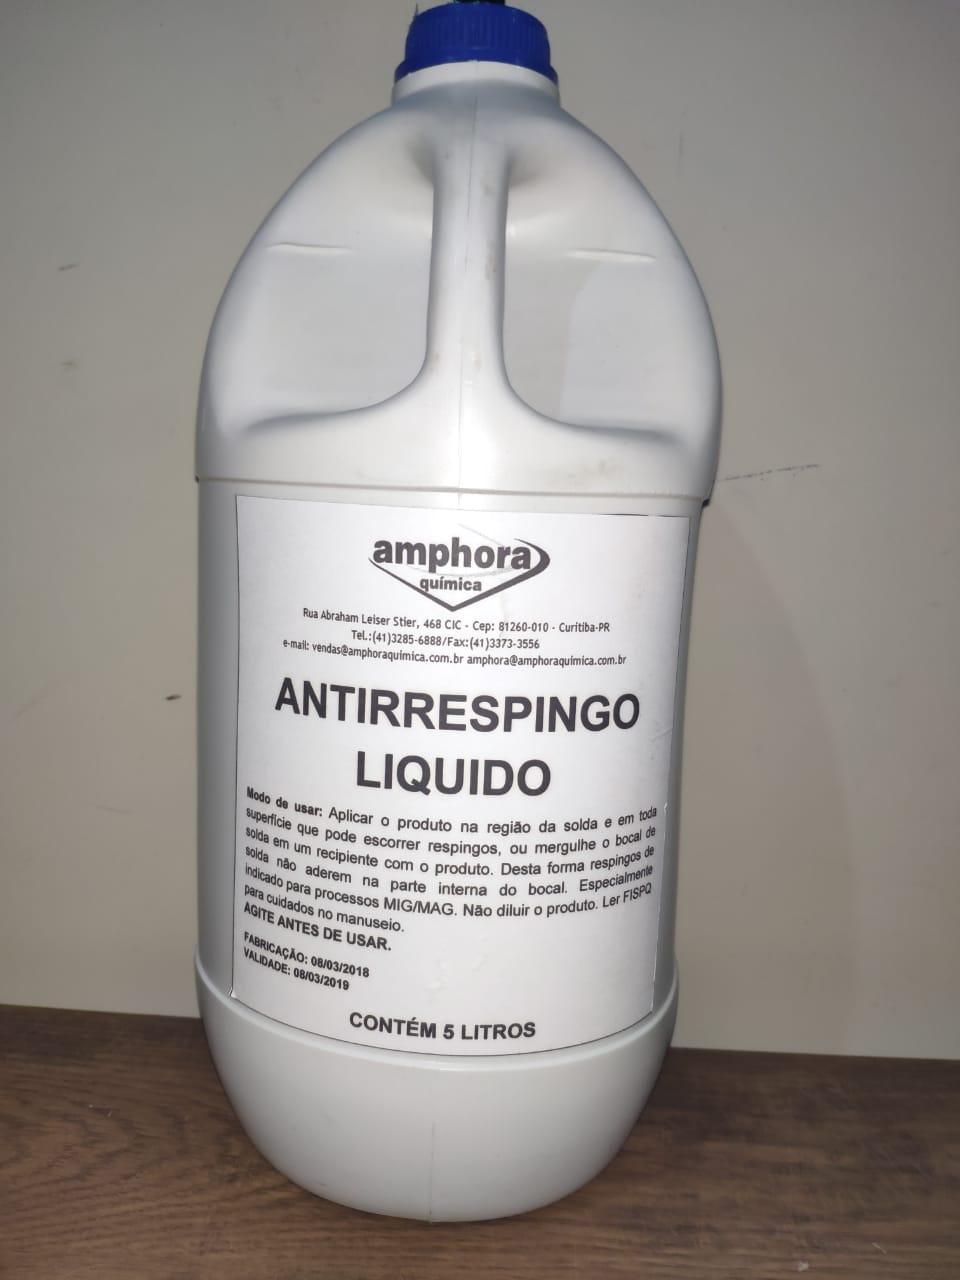 Antirespingo Liquido S/ Silicone 5 Lts Amphora